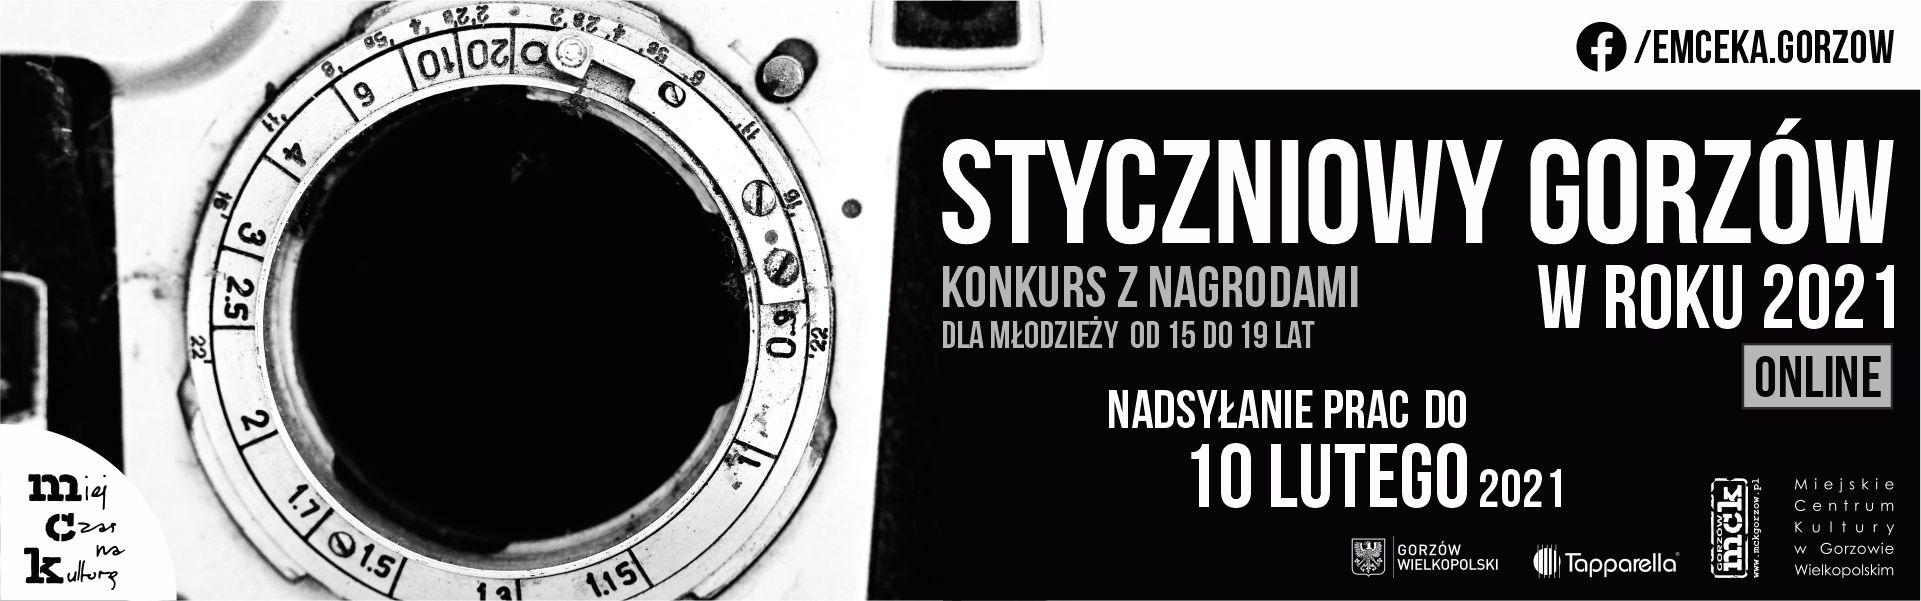 baner strona MCK konkurs styczniowy Gorzów